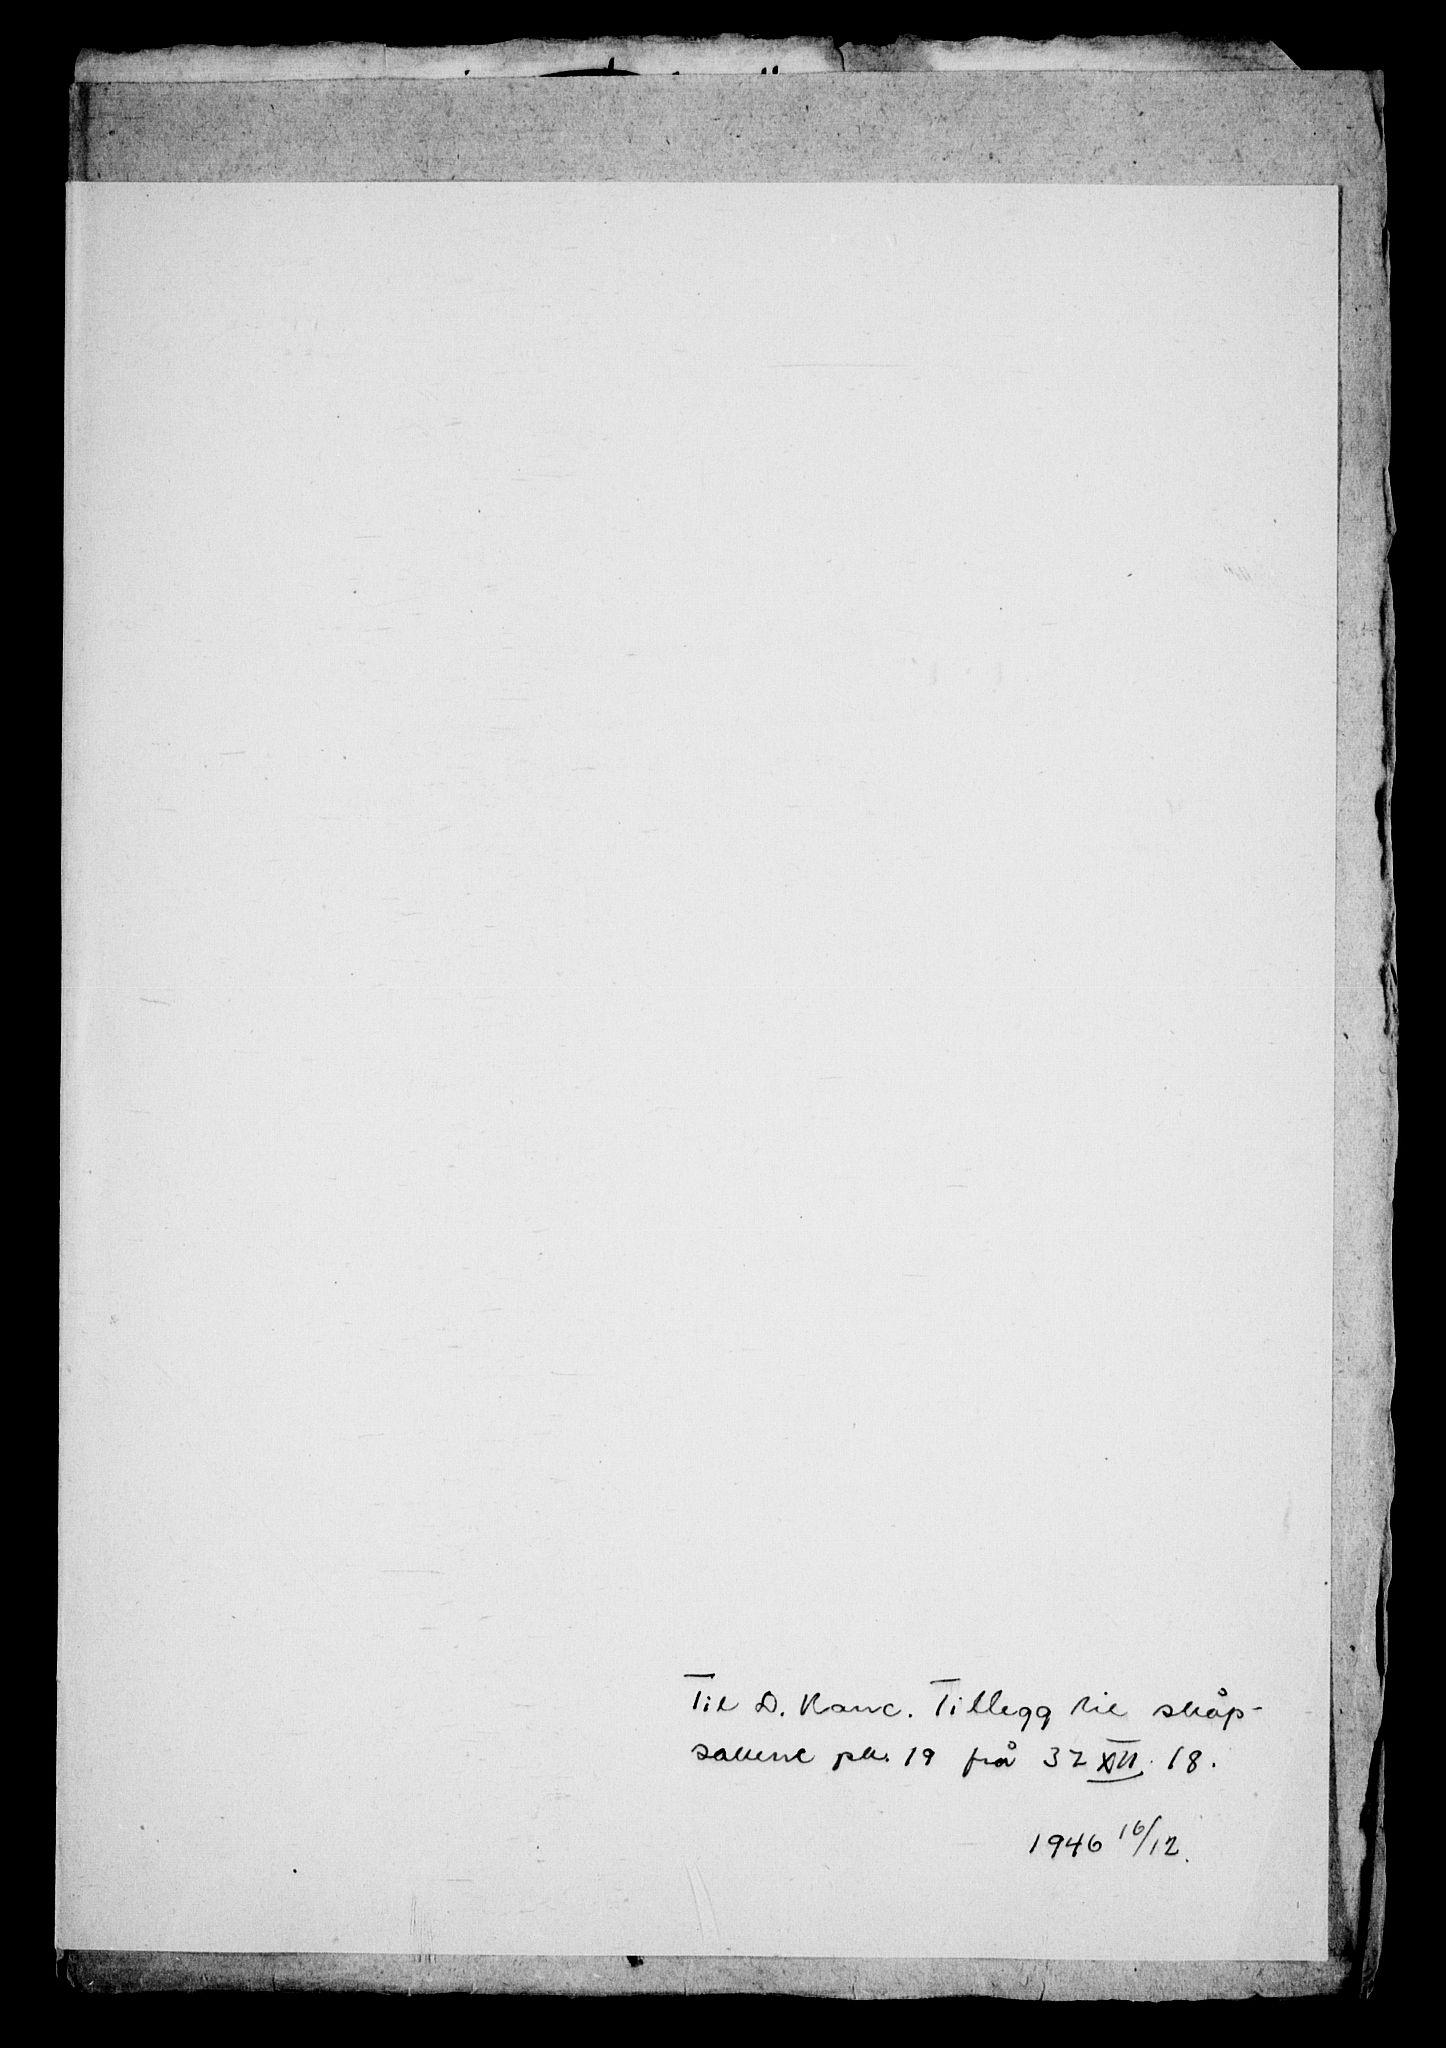 RA, Danske Kanselli, Skapsaker, G/L0019: Tillegg til skapsakene, 1616-1753, s. 69